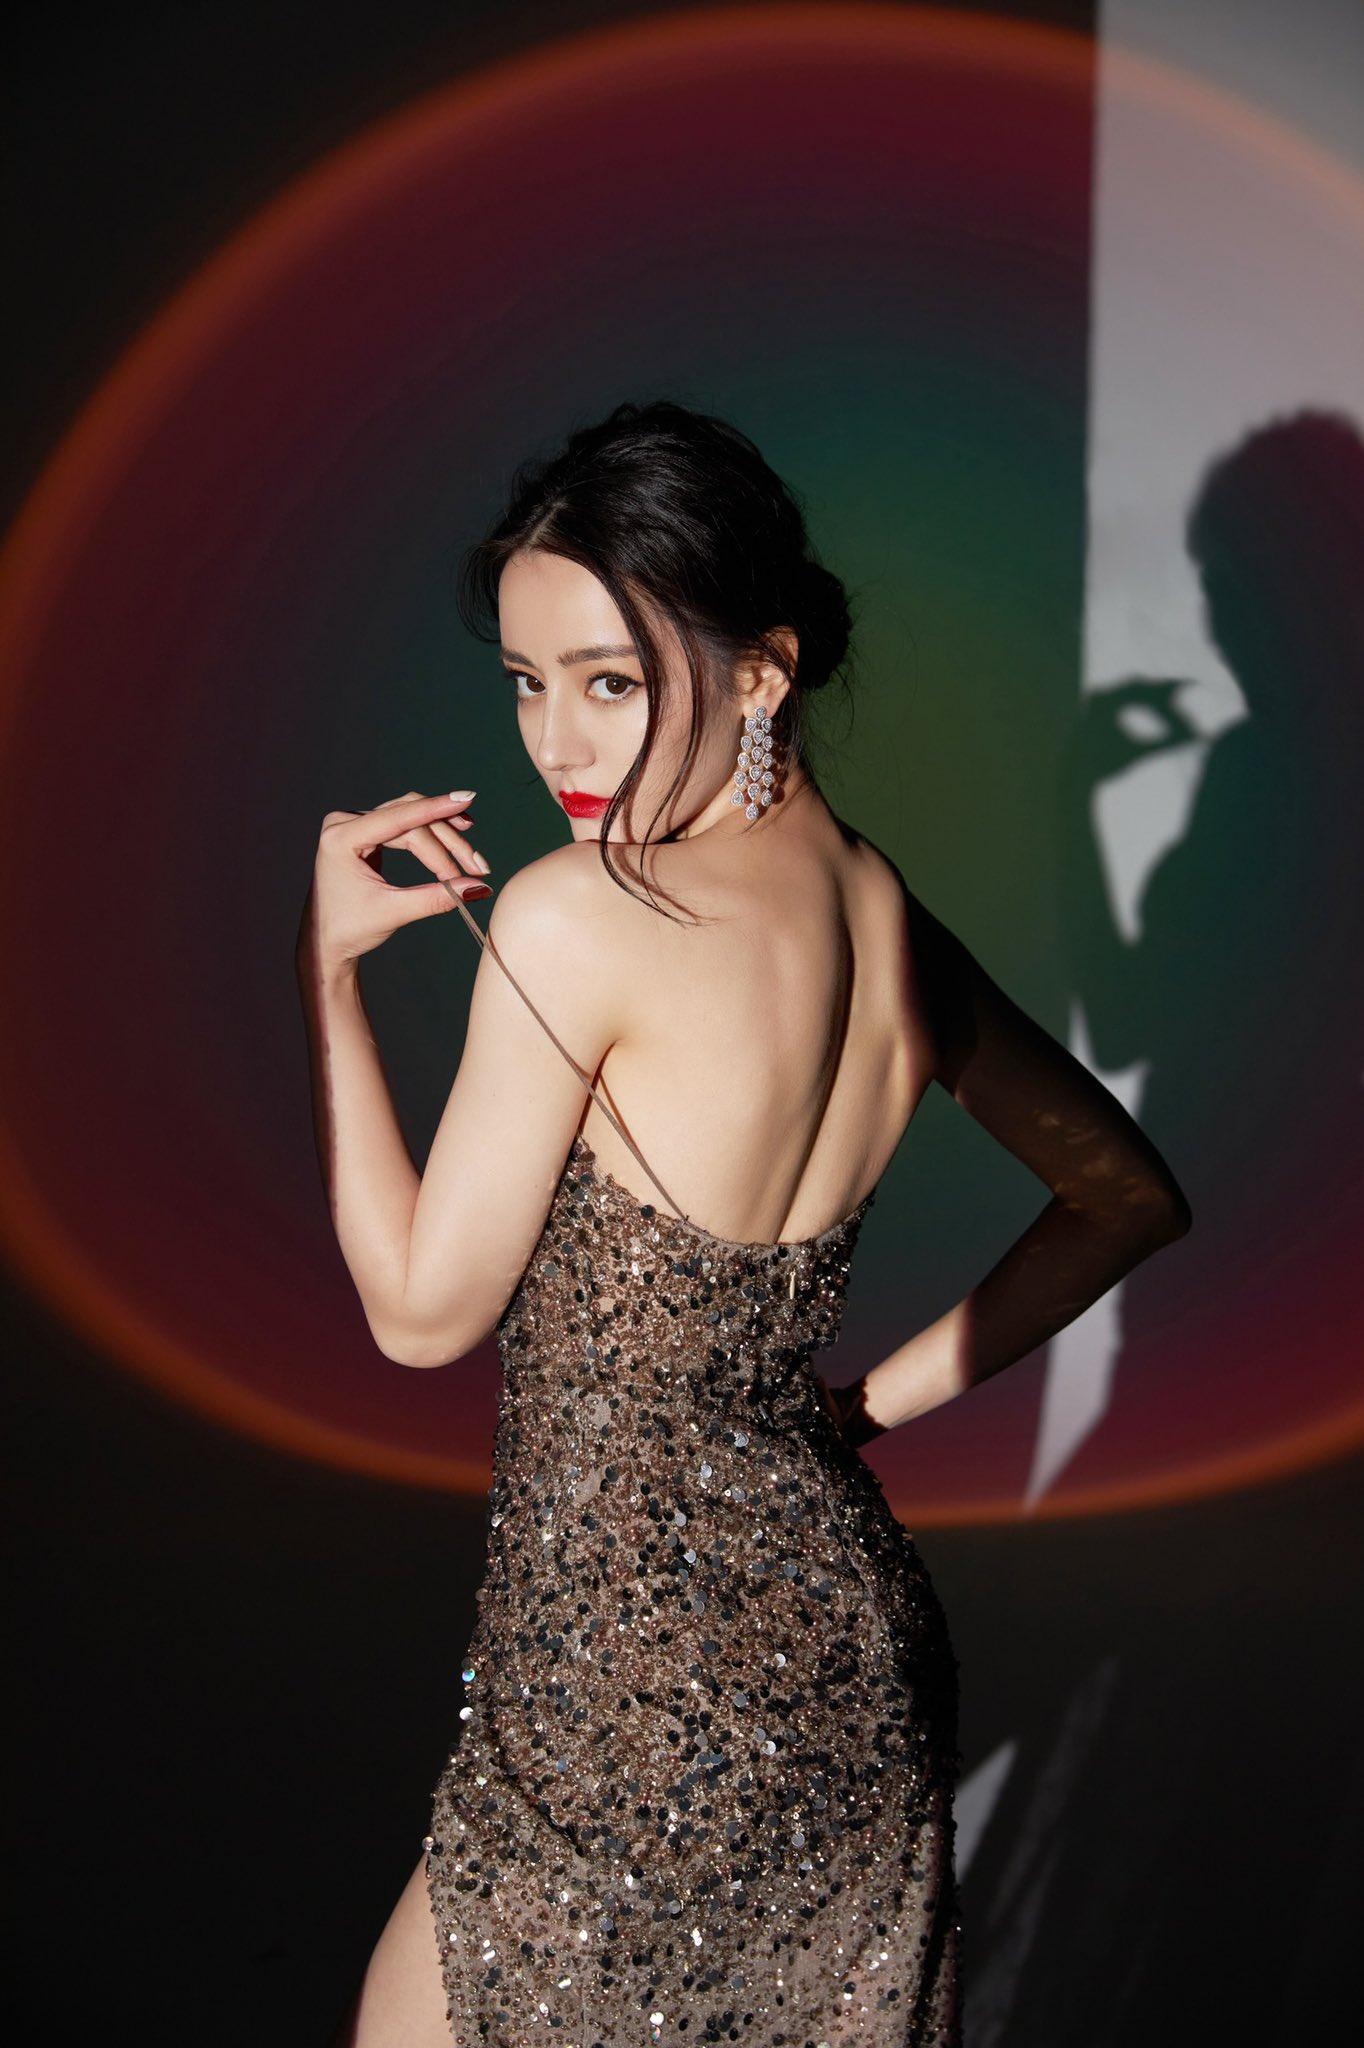 Mỹ nhân Cbiz khoe sắc trong đầm ánh kim: Dương Mịch kiêu sa, Lệ Dĩnh 'xịn' đét 6